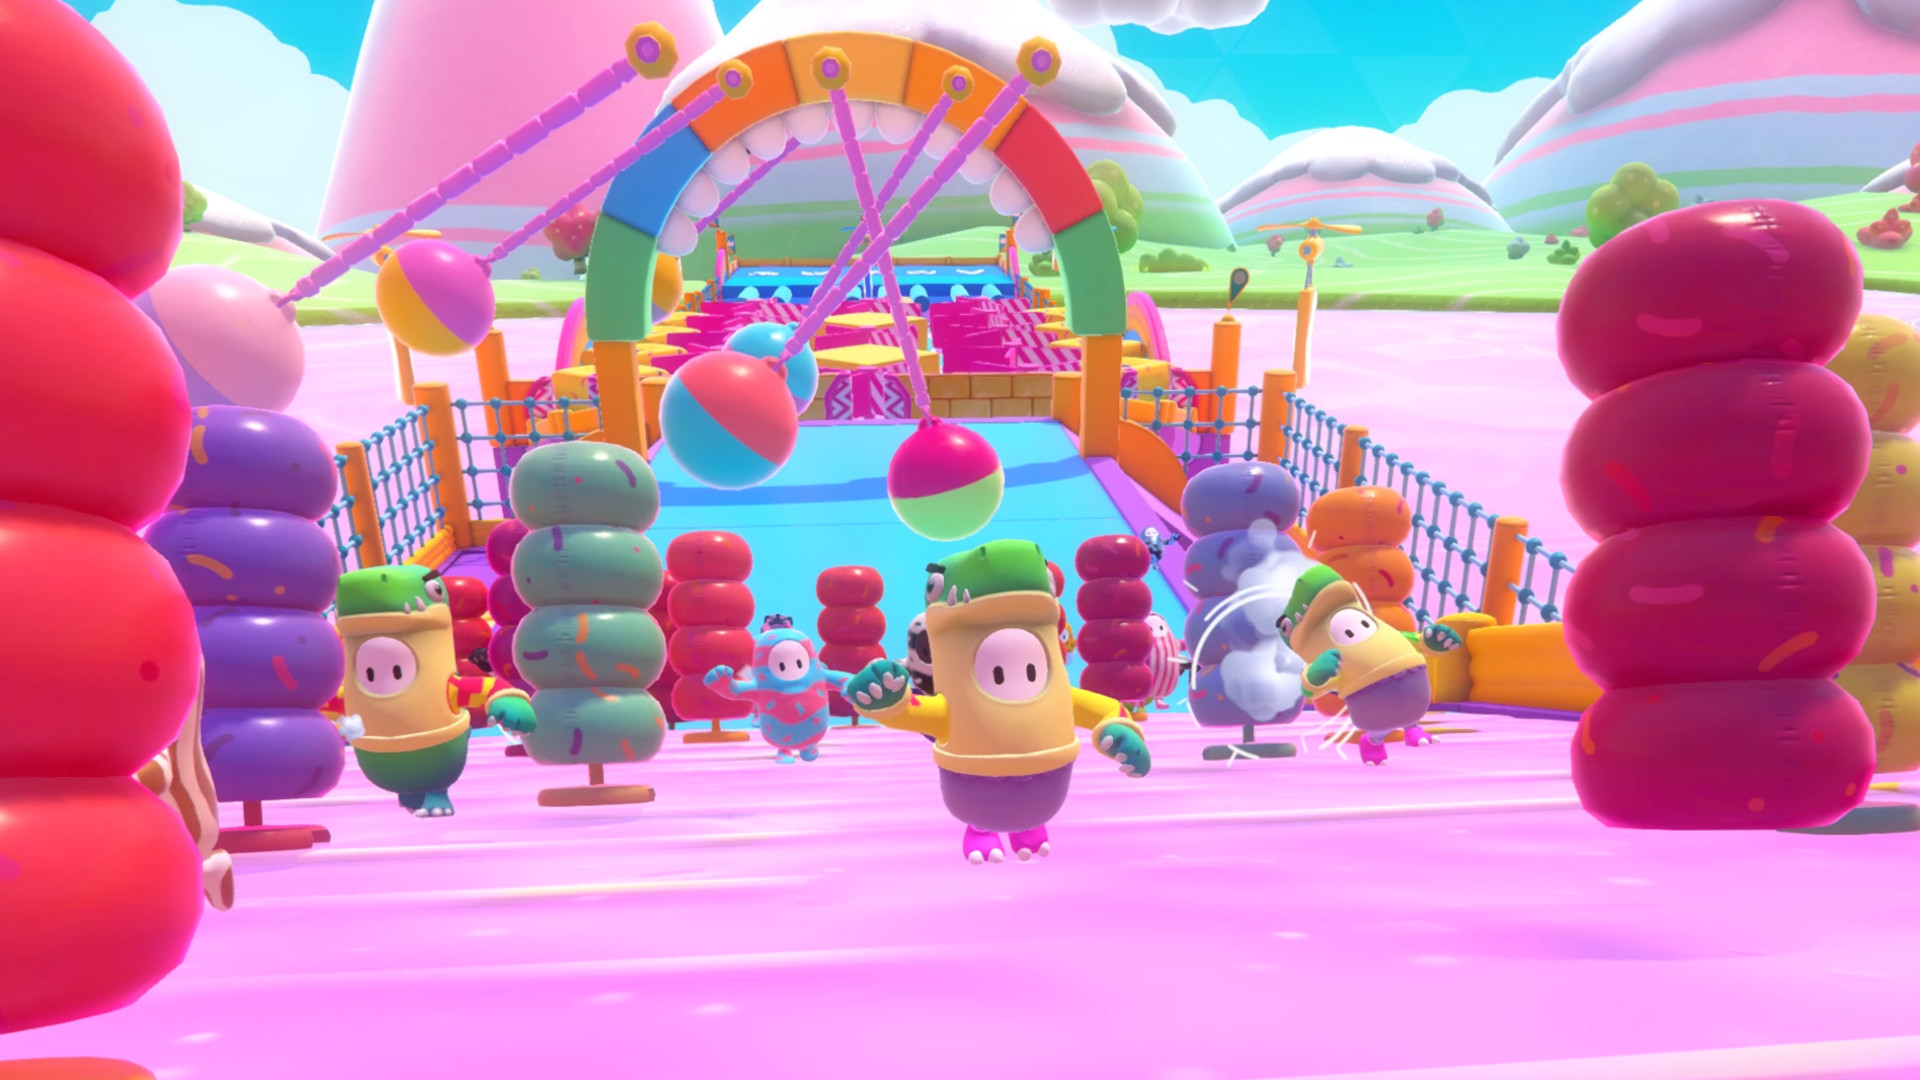 《糖豆人终极淘汰赛》开启外挂检测系统 作弊情况逐步可控 PS4版玩家数或突破800万